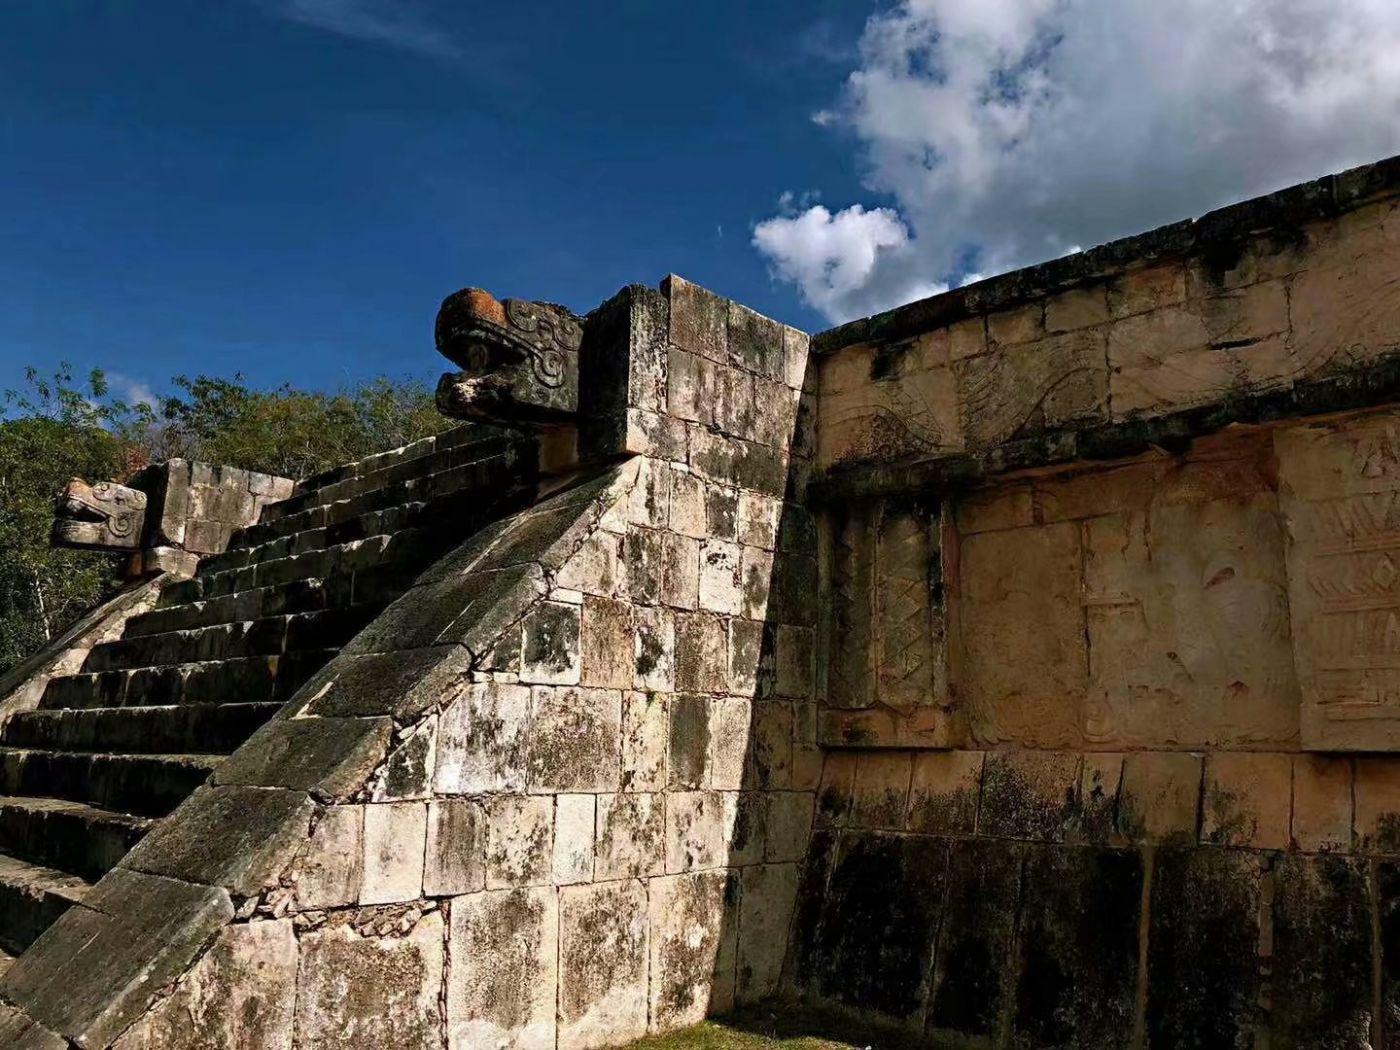 墨西哥奇琴伊察玛雅文化遗迹(图)_图1-3